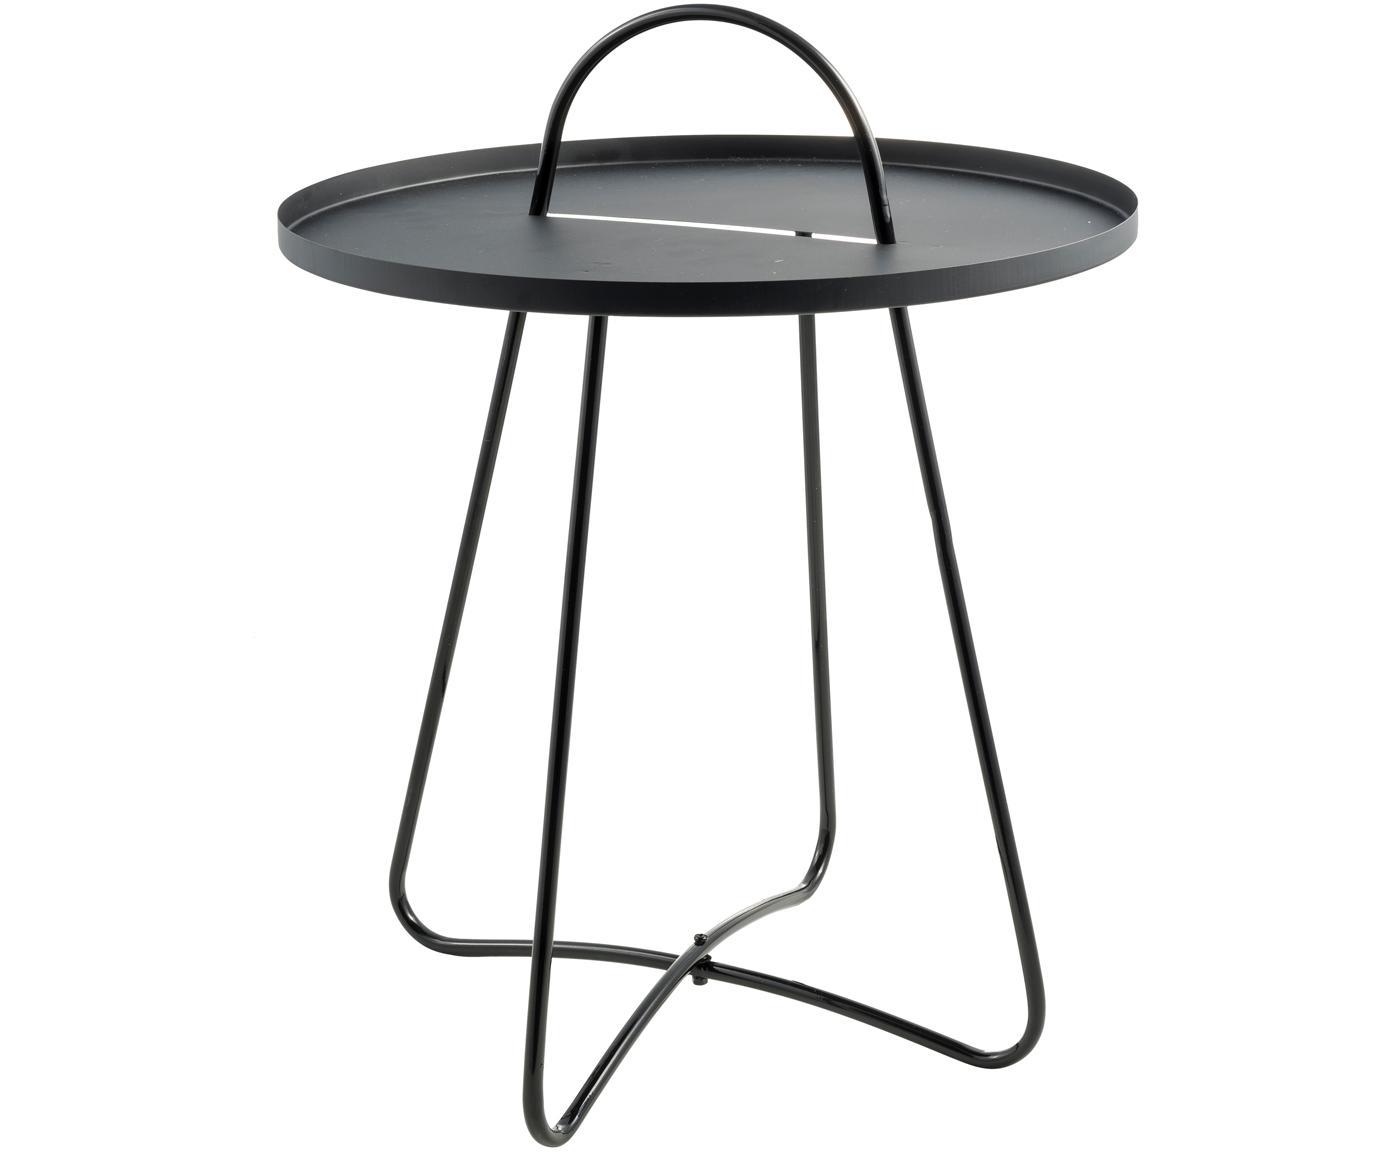 Tavolino rotondo in metallo Pronto, Metallo rivestito, Nero, Ø 46 x Alt. 58 cm